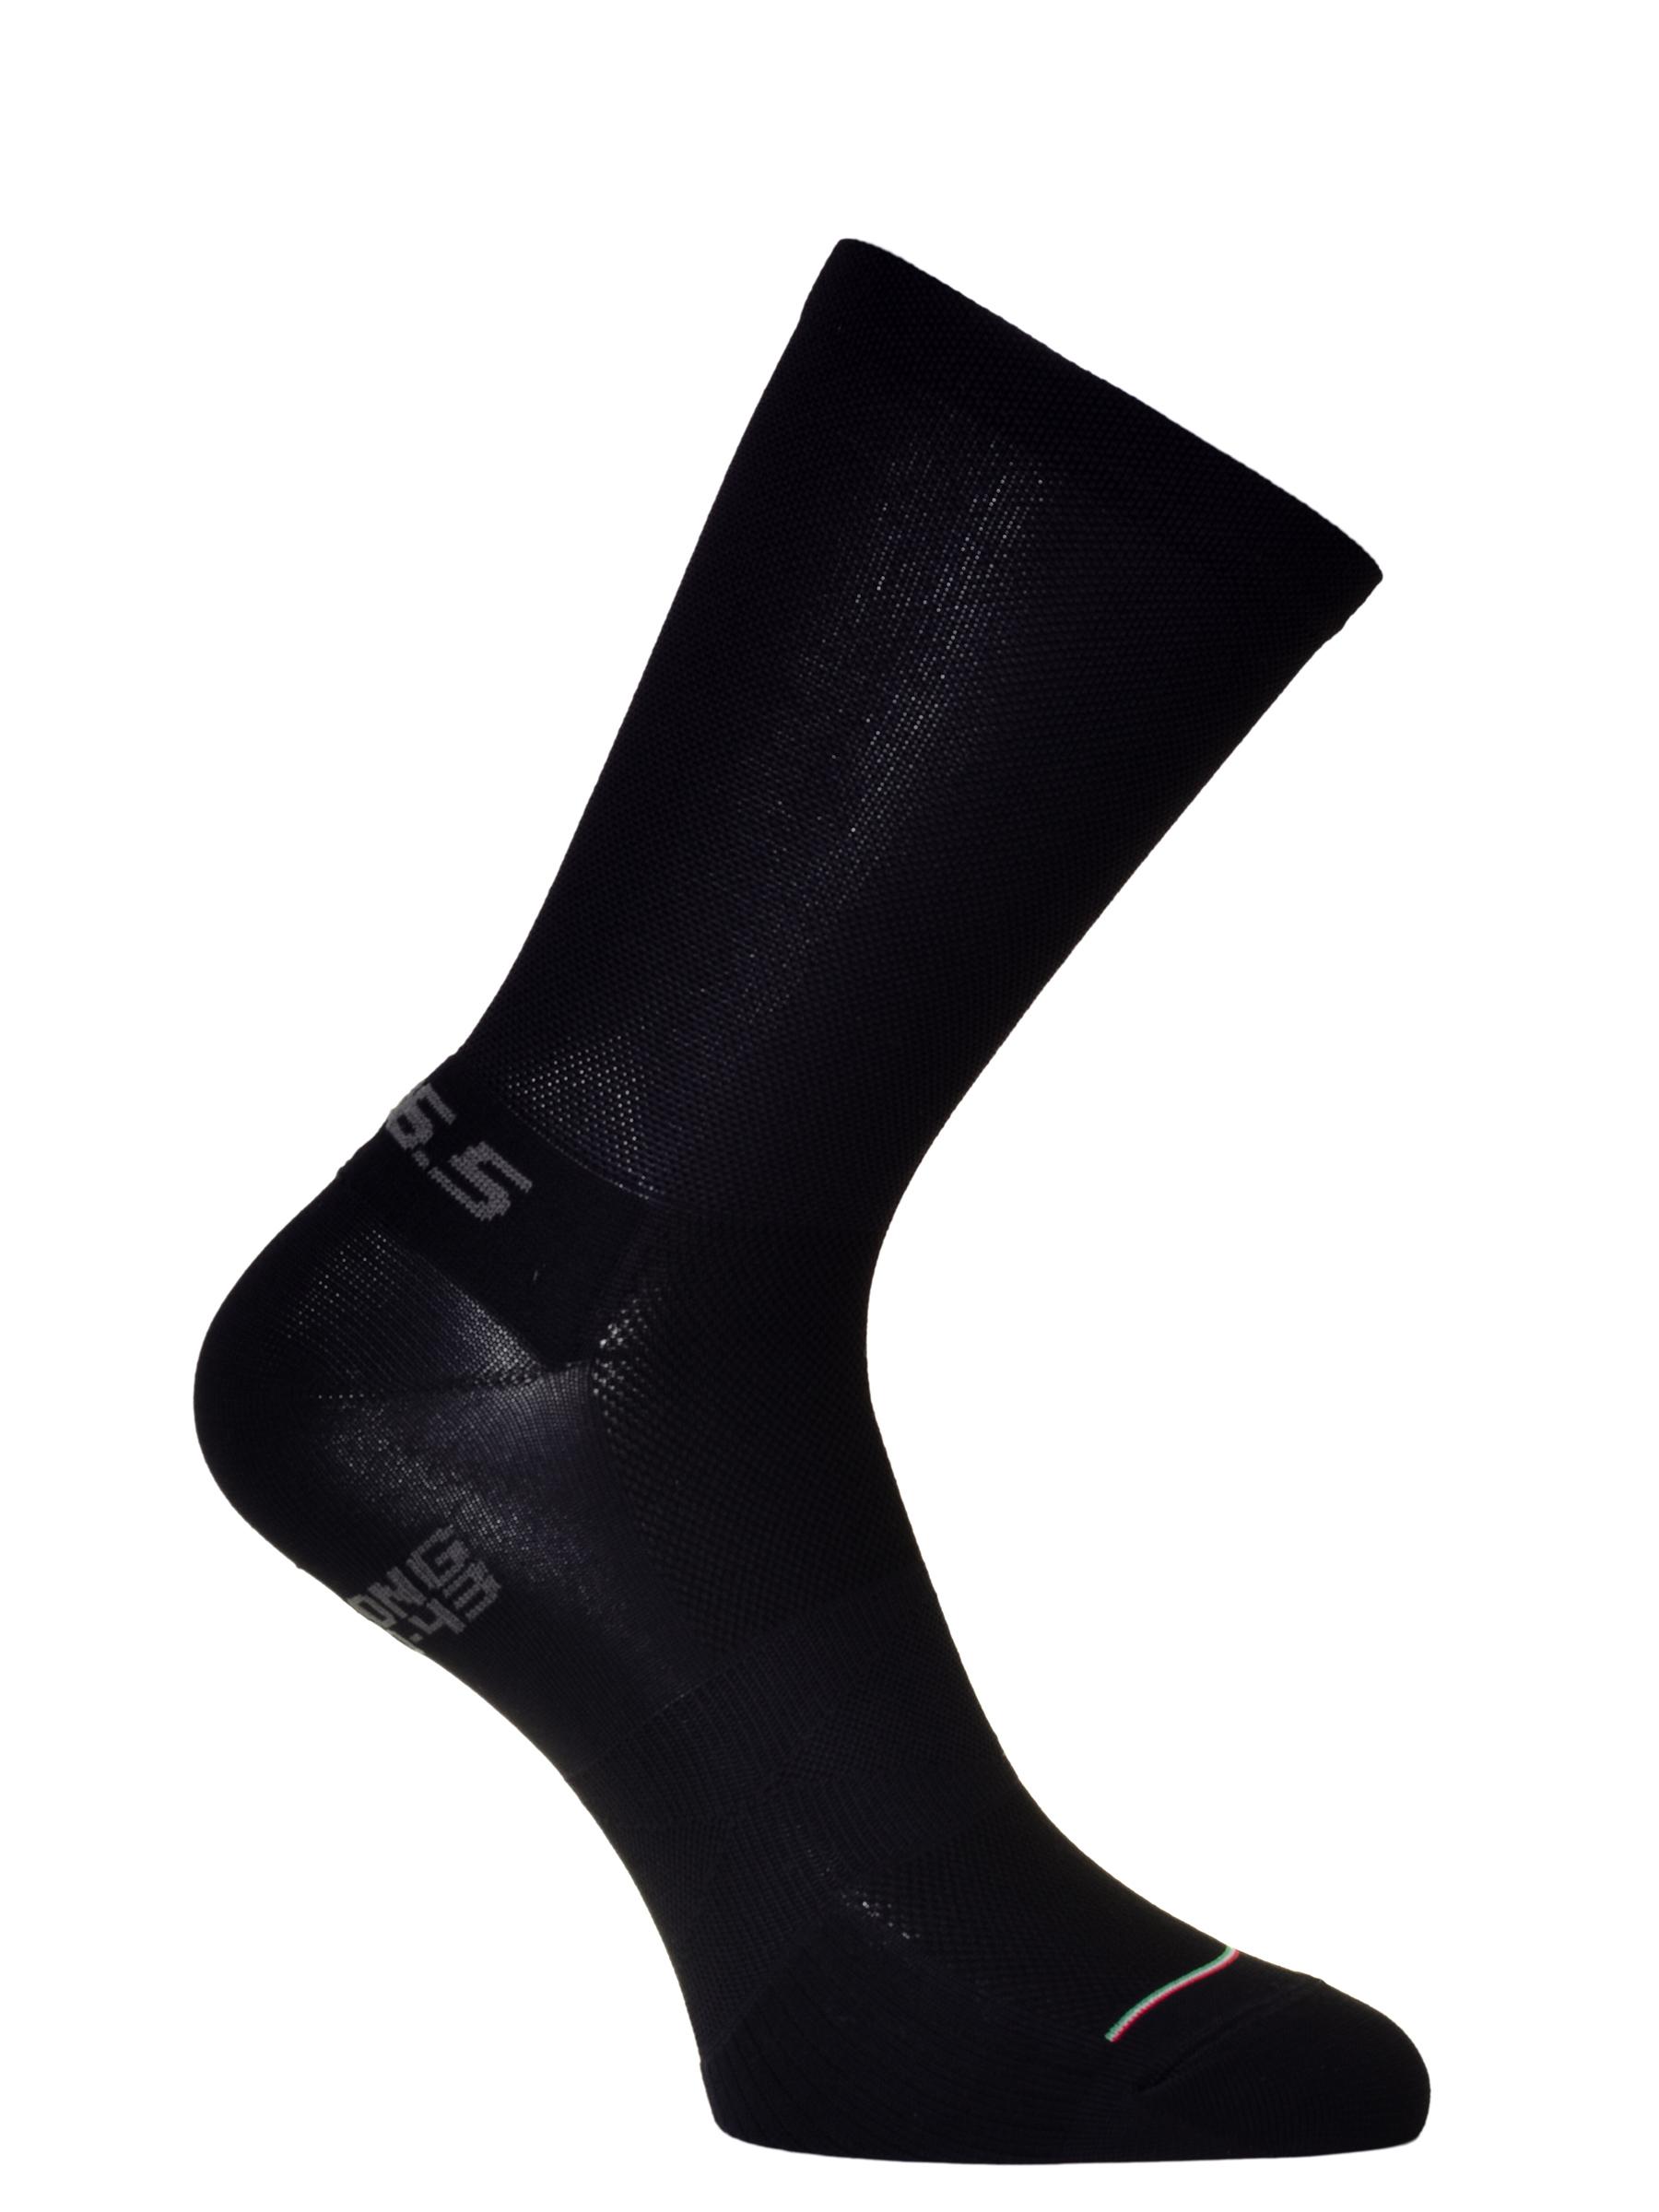 Q36.5 Socks